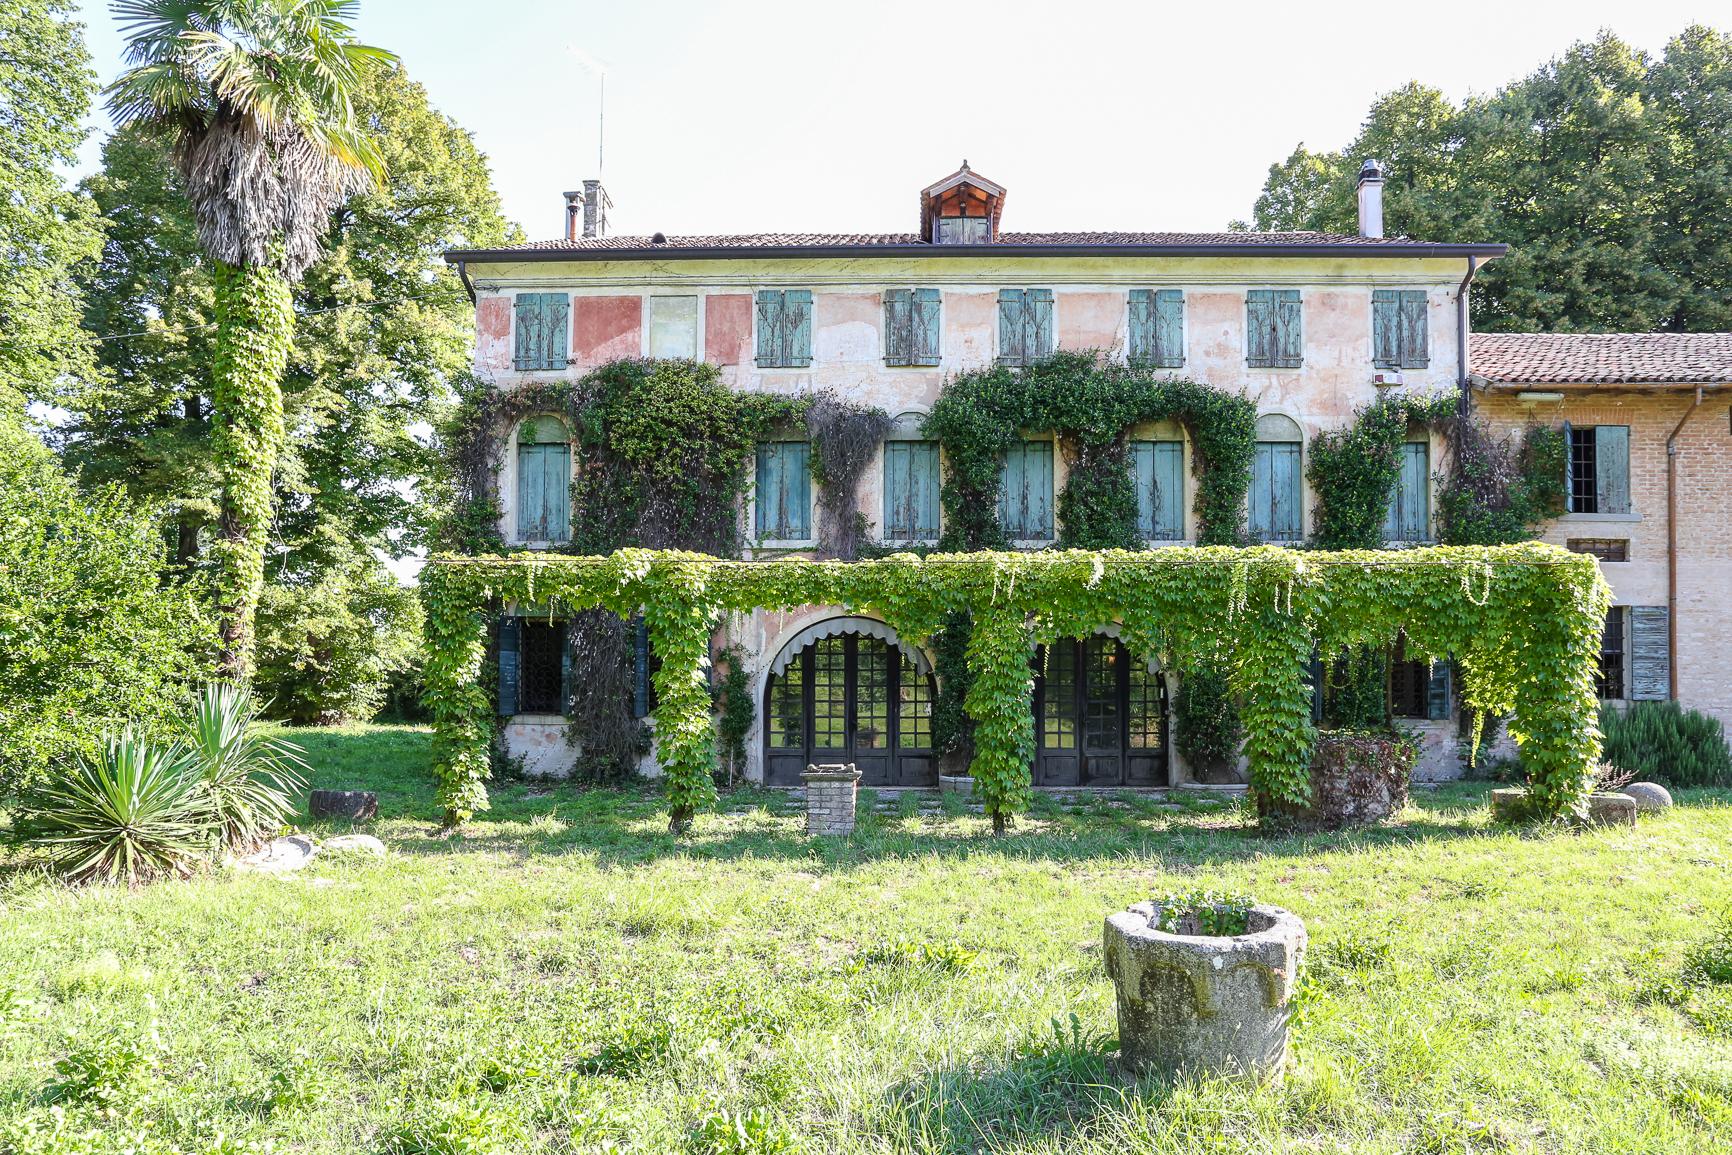 Villa in vendita a San Biagio di Callalta, 20 locali, zona Località: S.AndreadiBarbarana, prezzo € 1.200.000   CambioCasa.it